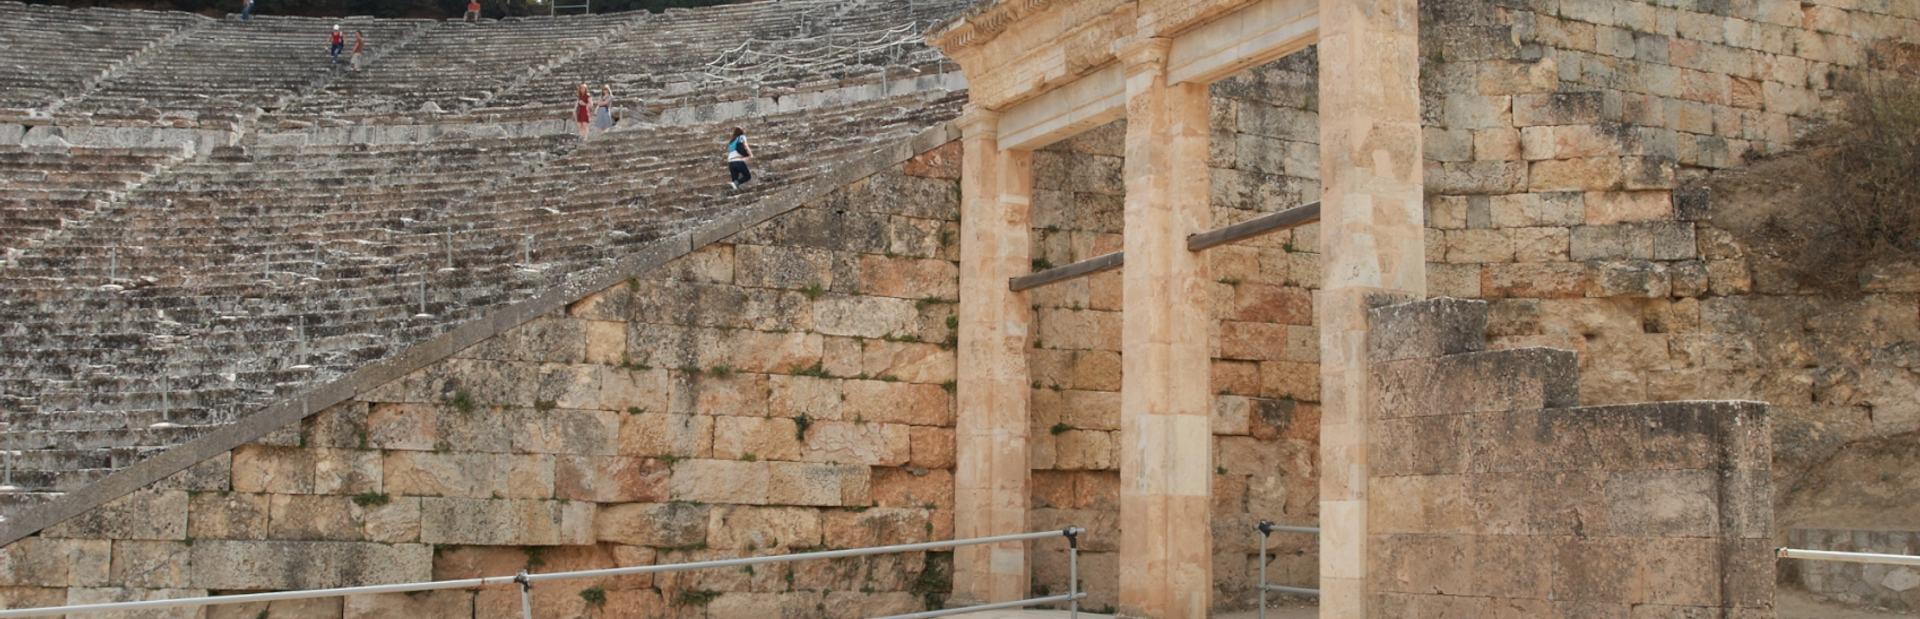 Epidavros photo tour